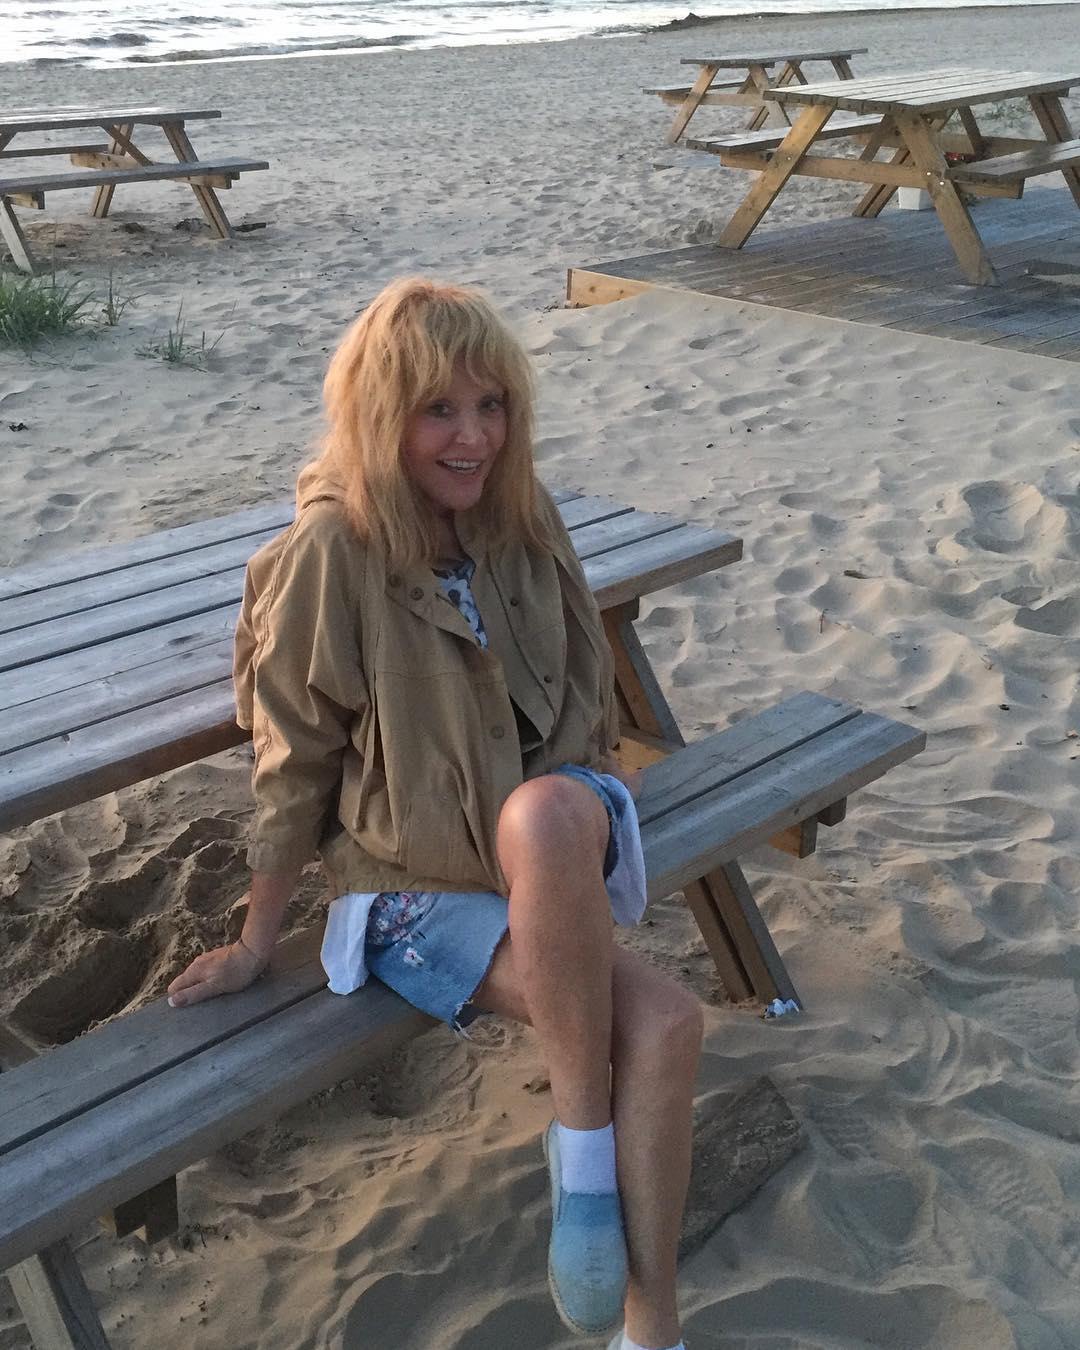 Пугачева с галкиным на пляже фото